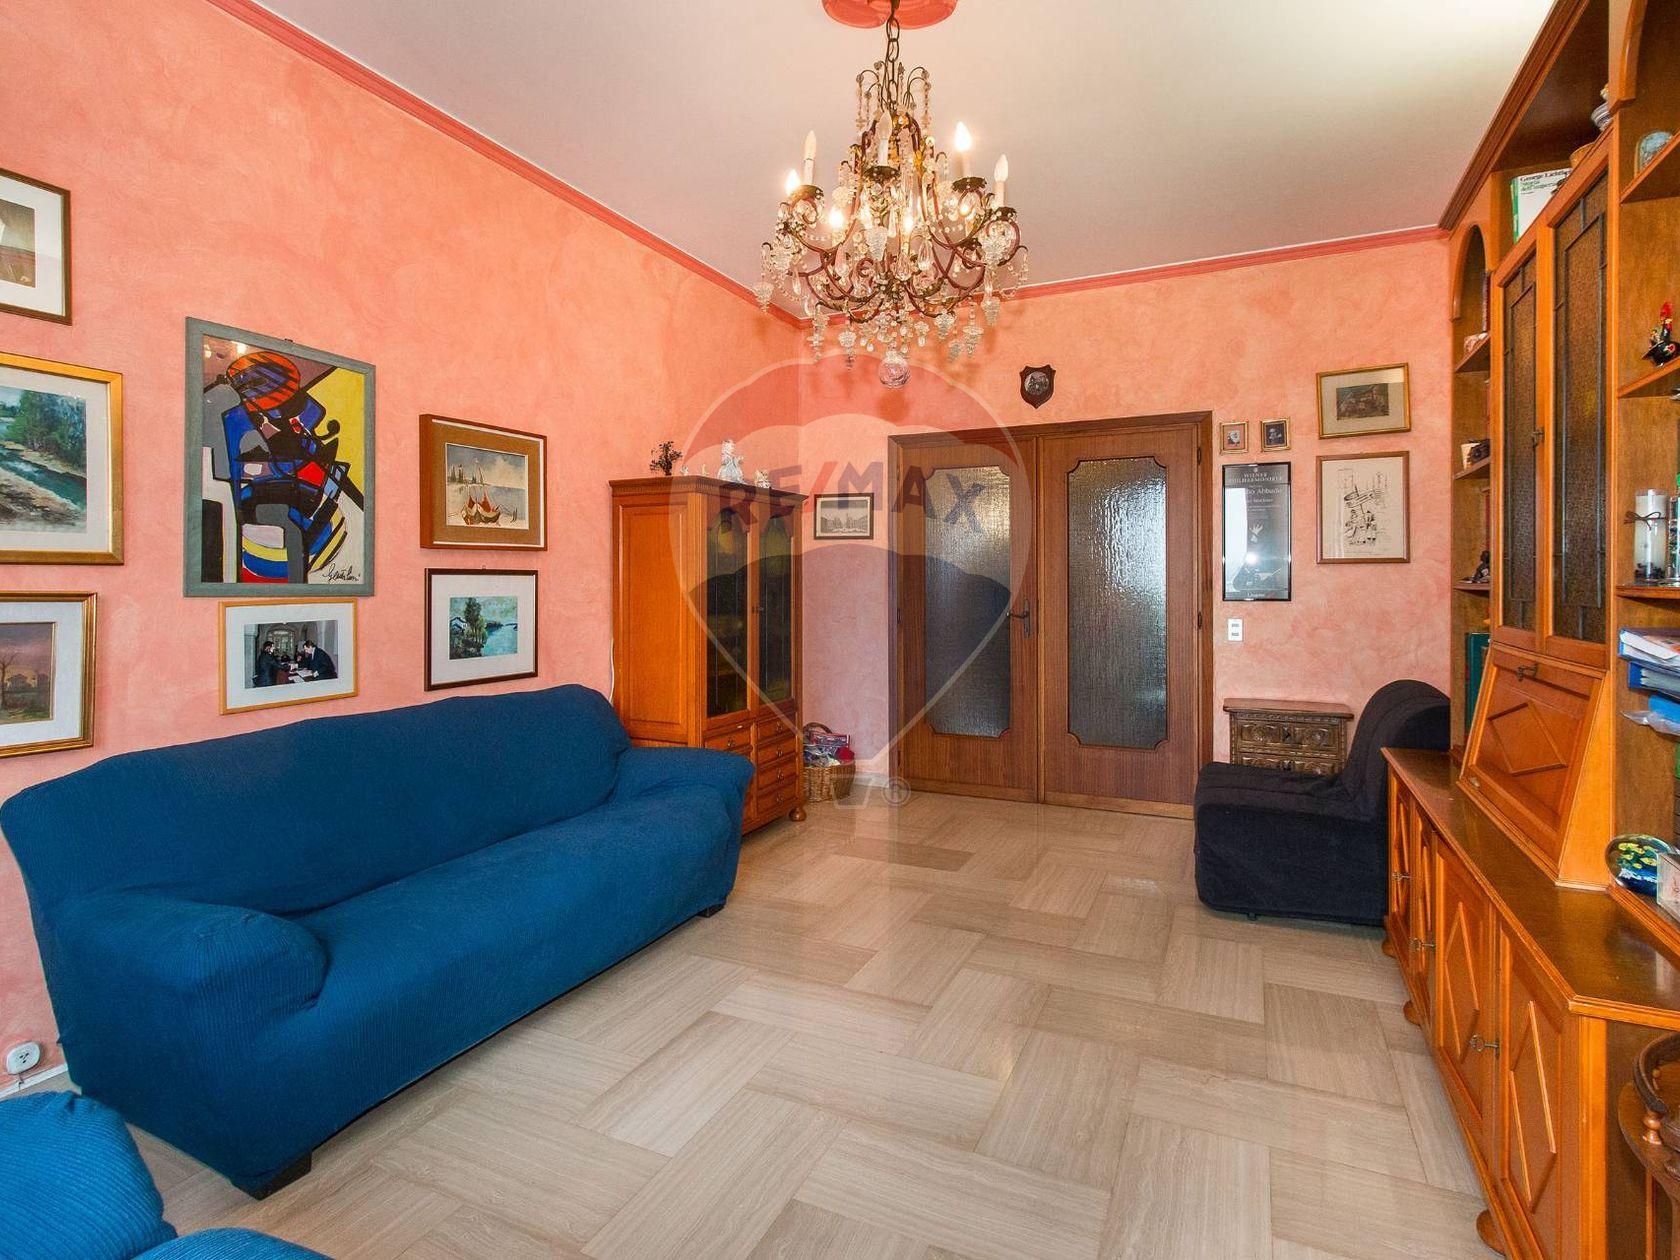 Appartamento San Pietro, Moncalieri, TO Vendita - Foto 13